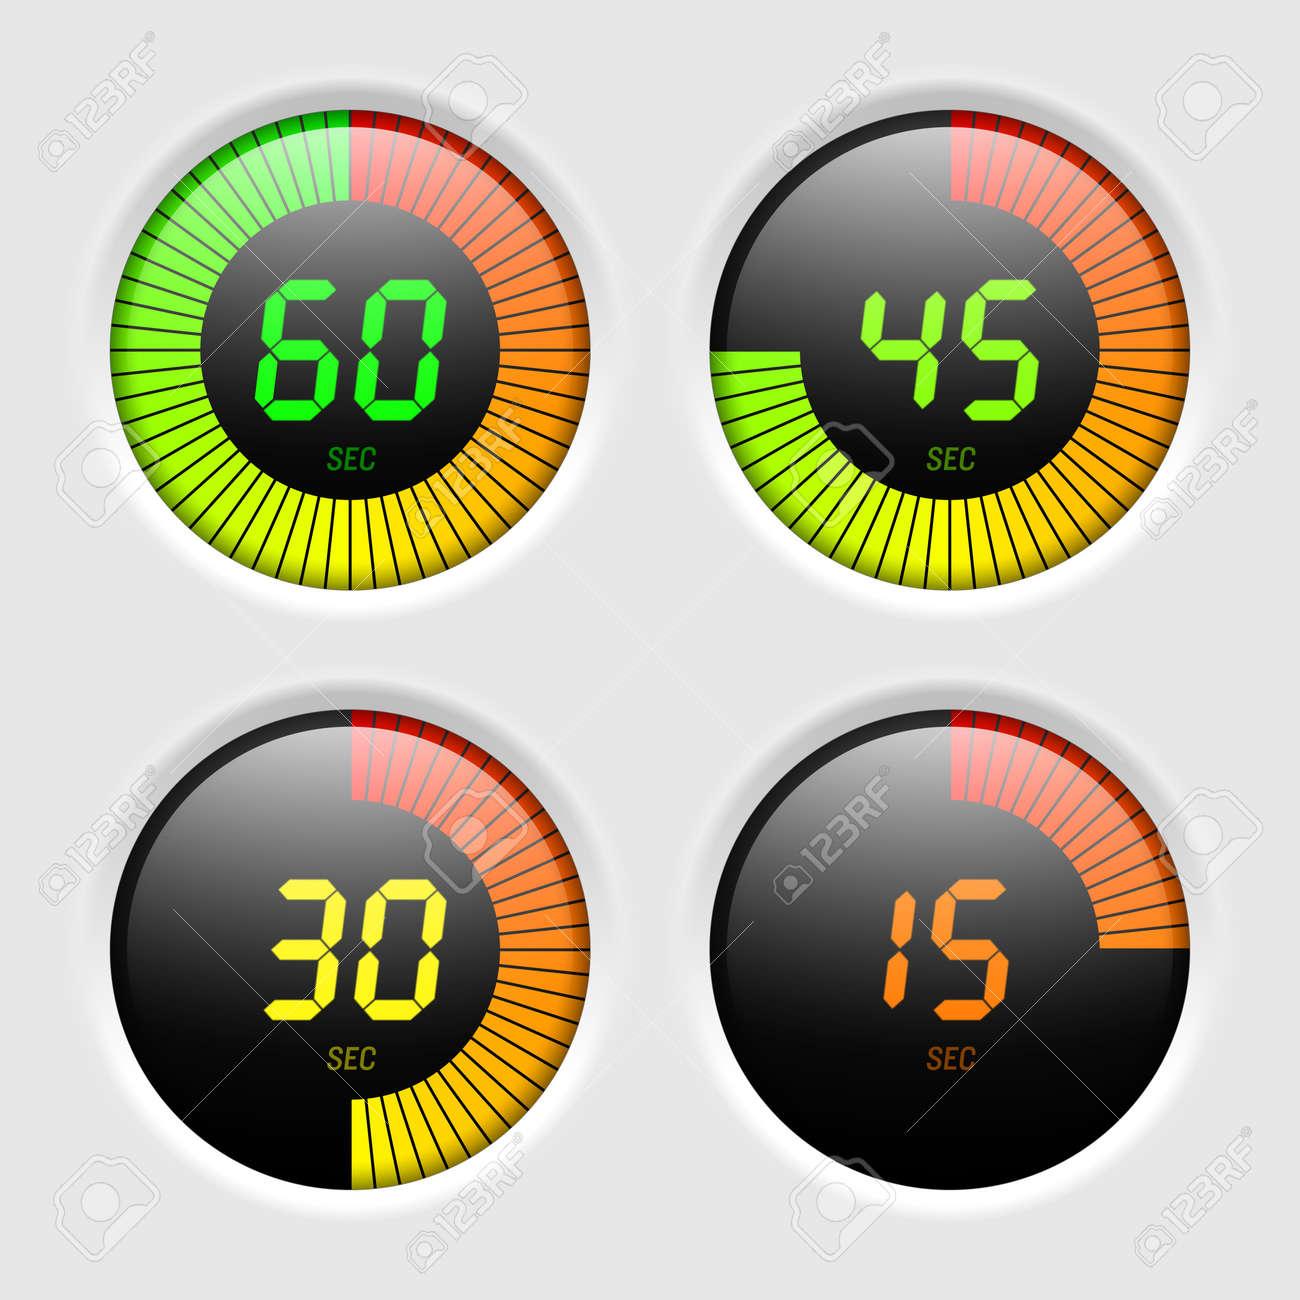 Digital timer Stock Vector - 14843577